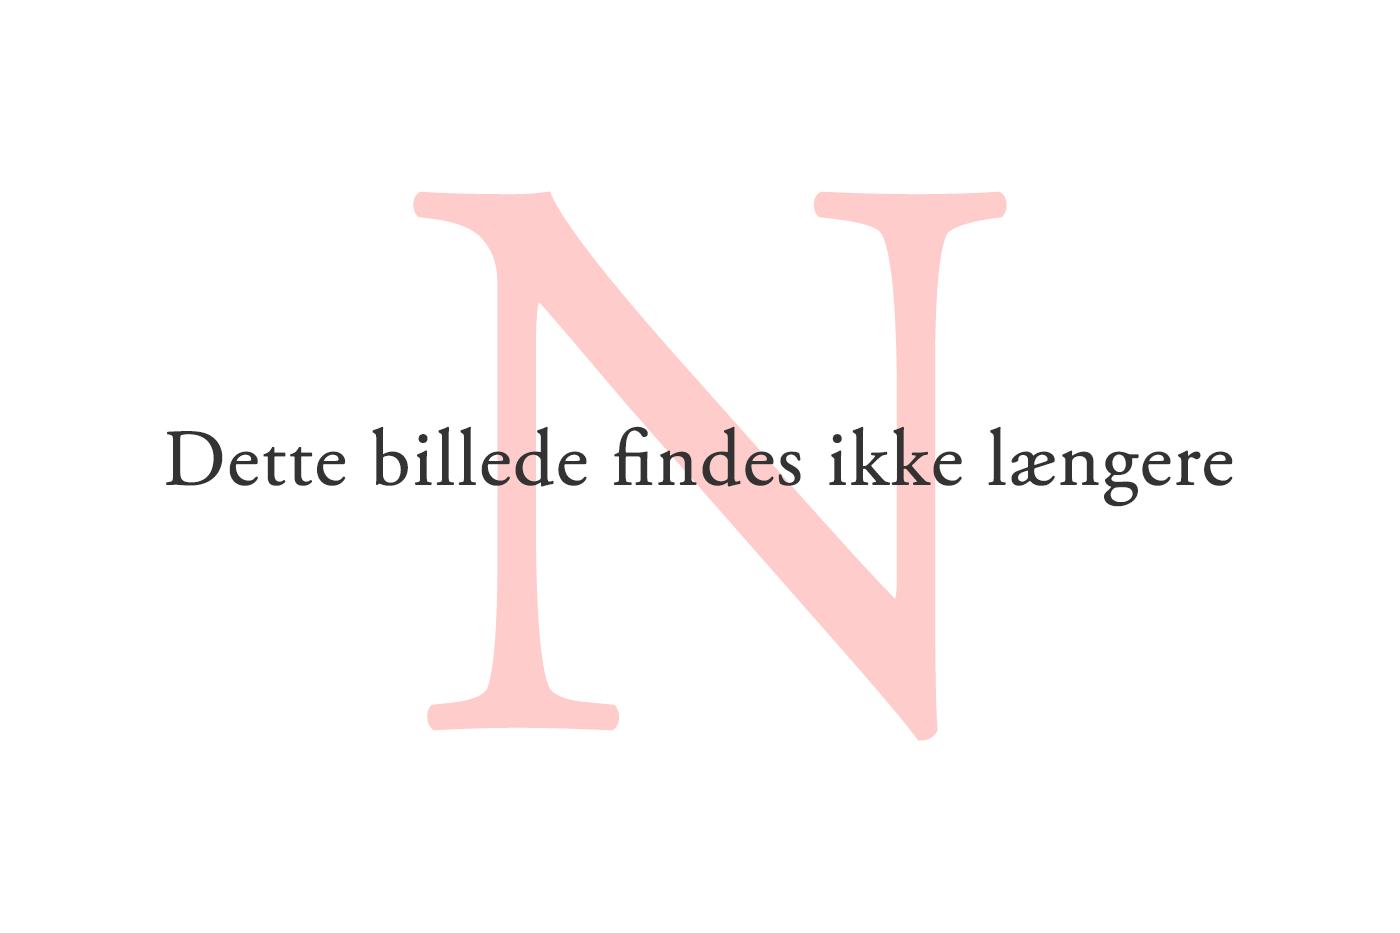 Københavnsk varemærke flytter til Aarhus